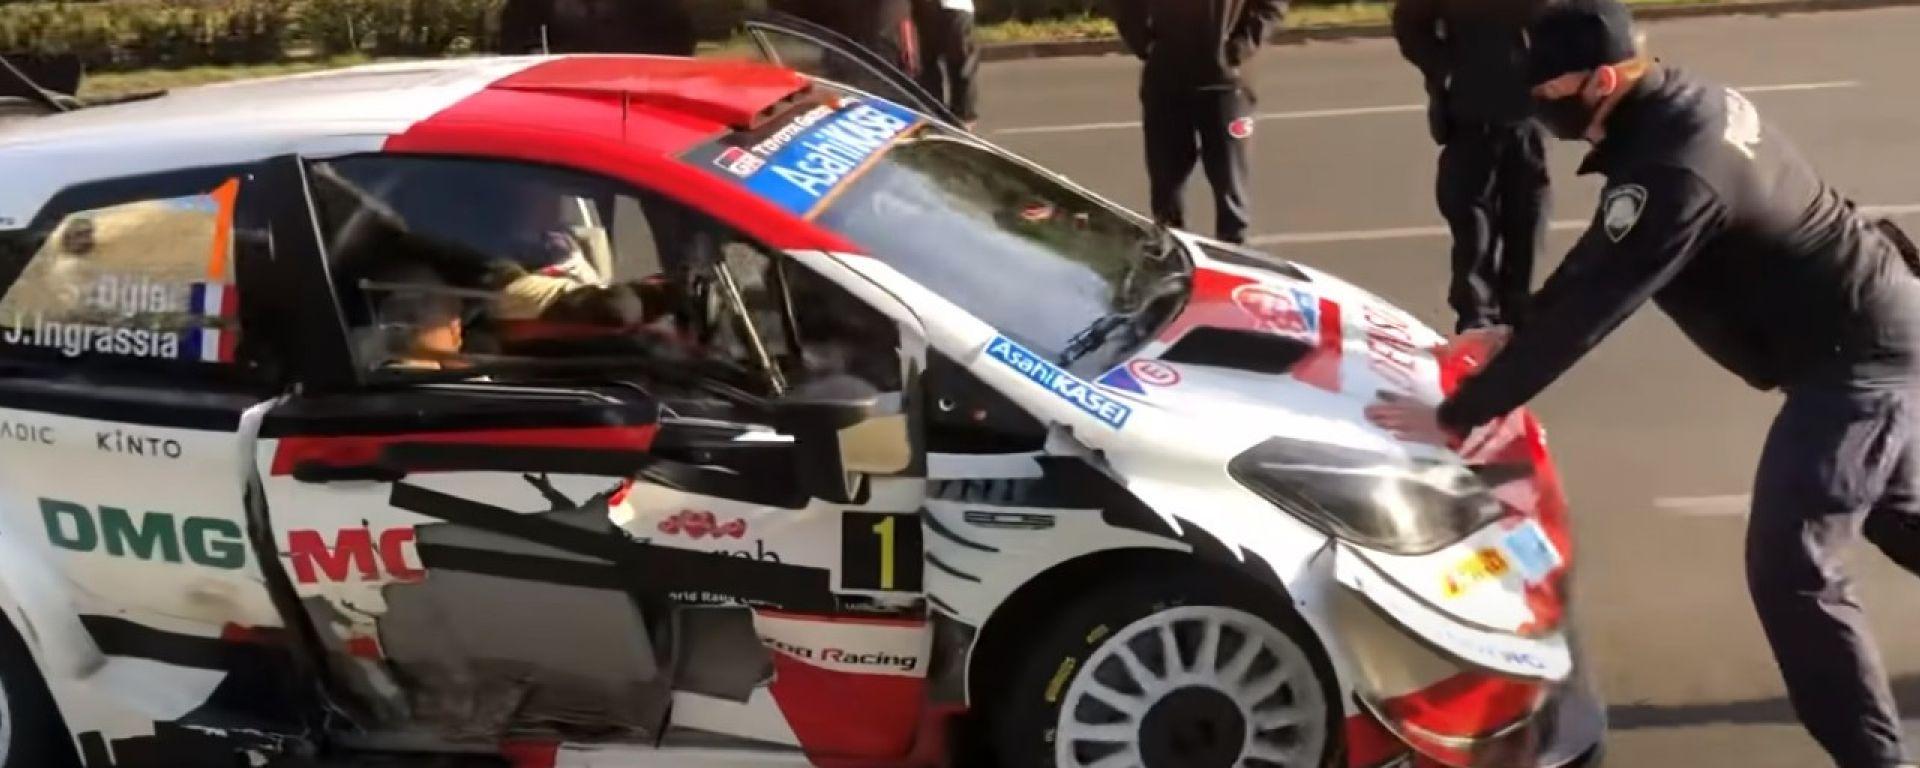 WRC , Rally Croazia 2021: il momento della pericolosa ripartenza di Sebastien Ogier